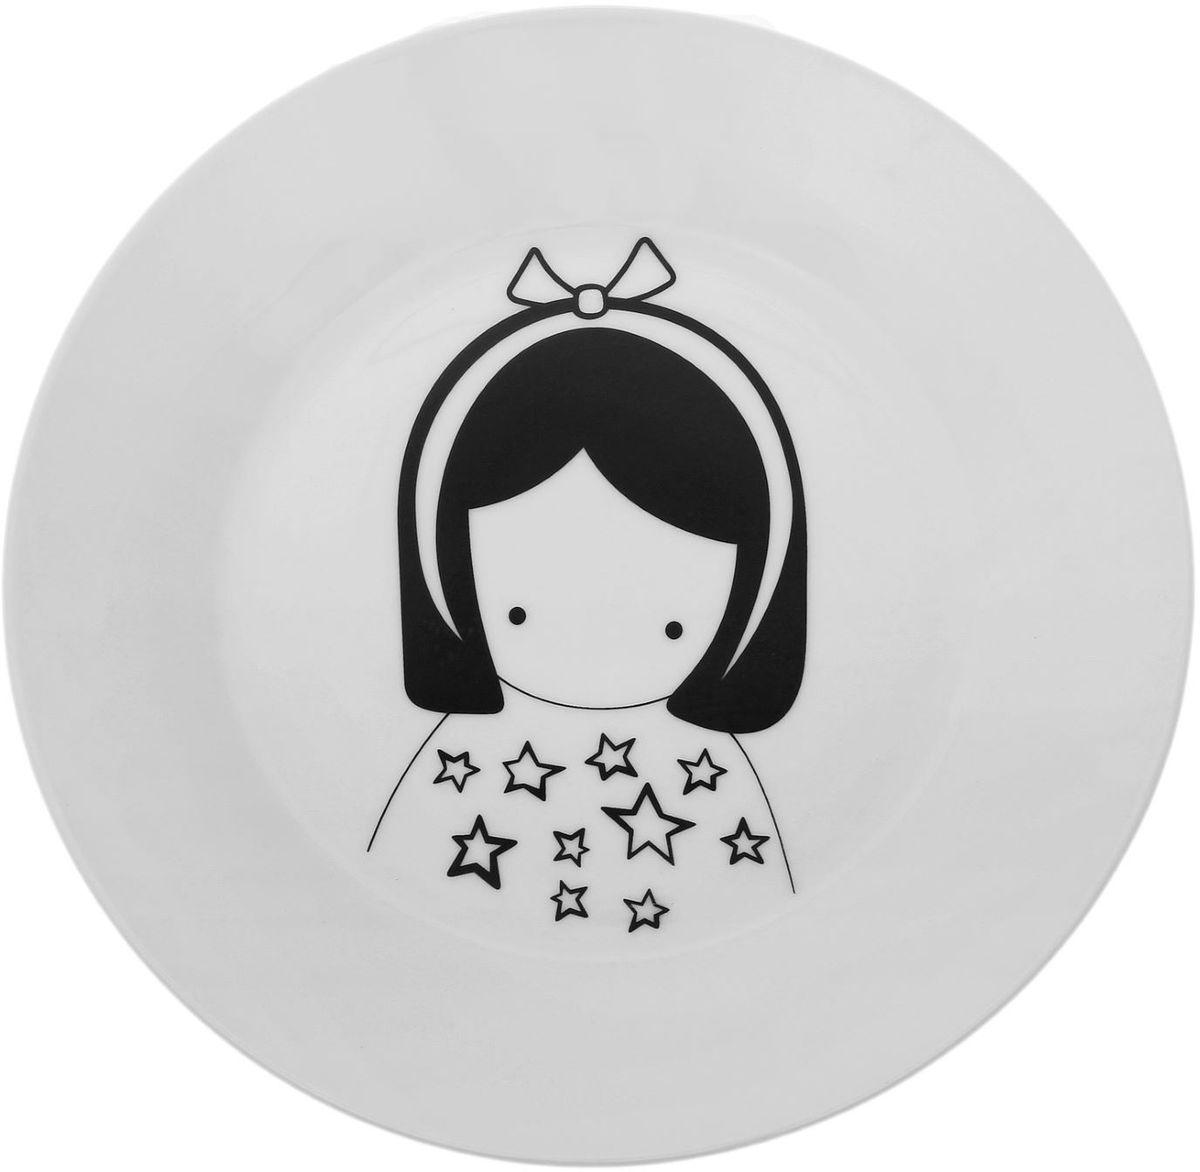 Тарелка Сотвори чудо Куколка, диаметр 23 см115510Хотите обновить интерьер кухни или гостиной? Устраиваете необычную фотосессию или тематический праздник? А может, просто ищете подарок для близкого человека? Посуда Сотвори Чудо — правильный выбор в любой ситуации. Тарелка Сотвори Чудо, изготовленная из изящного фаянса нежного сливочного цвета, оформлена оригинальным рисунком со стойкой краской. Пригодна для посудомоечной машины.